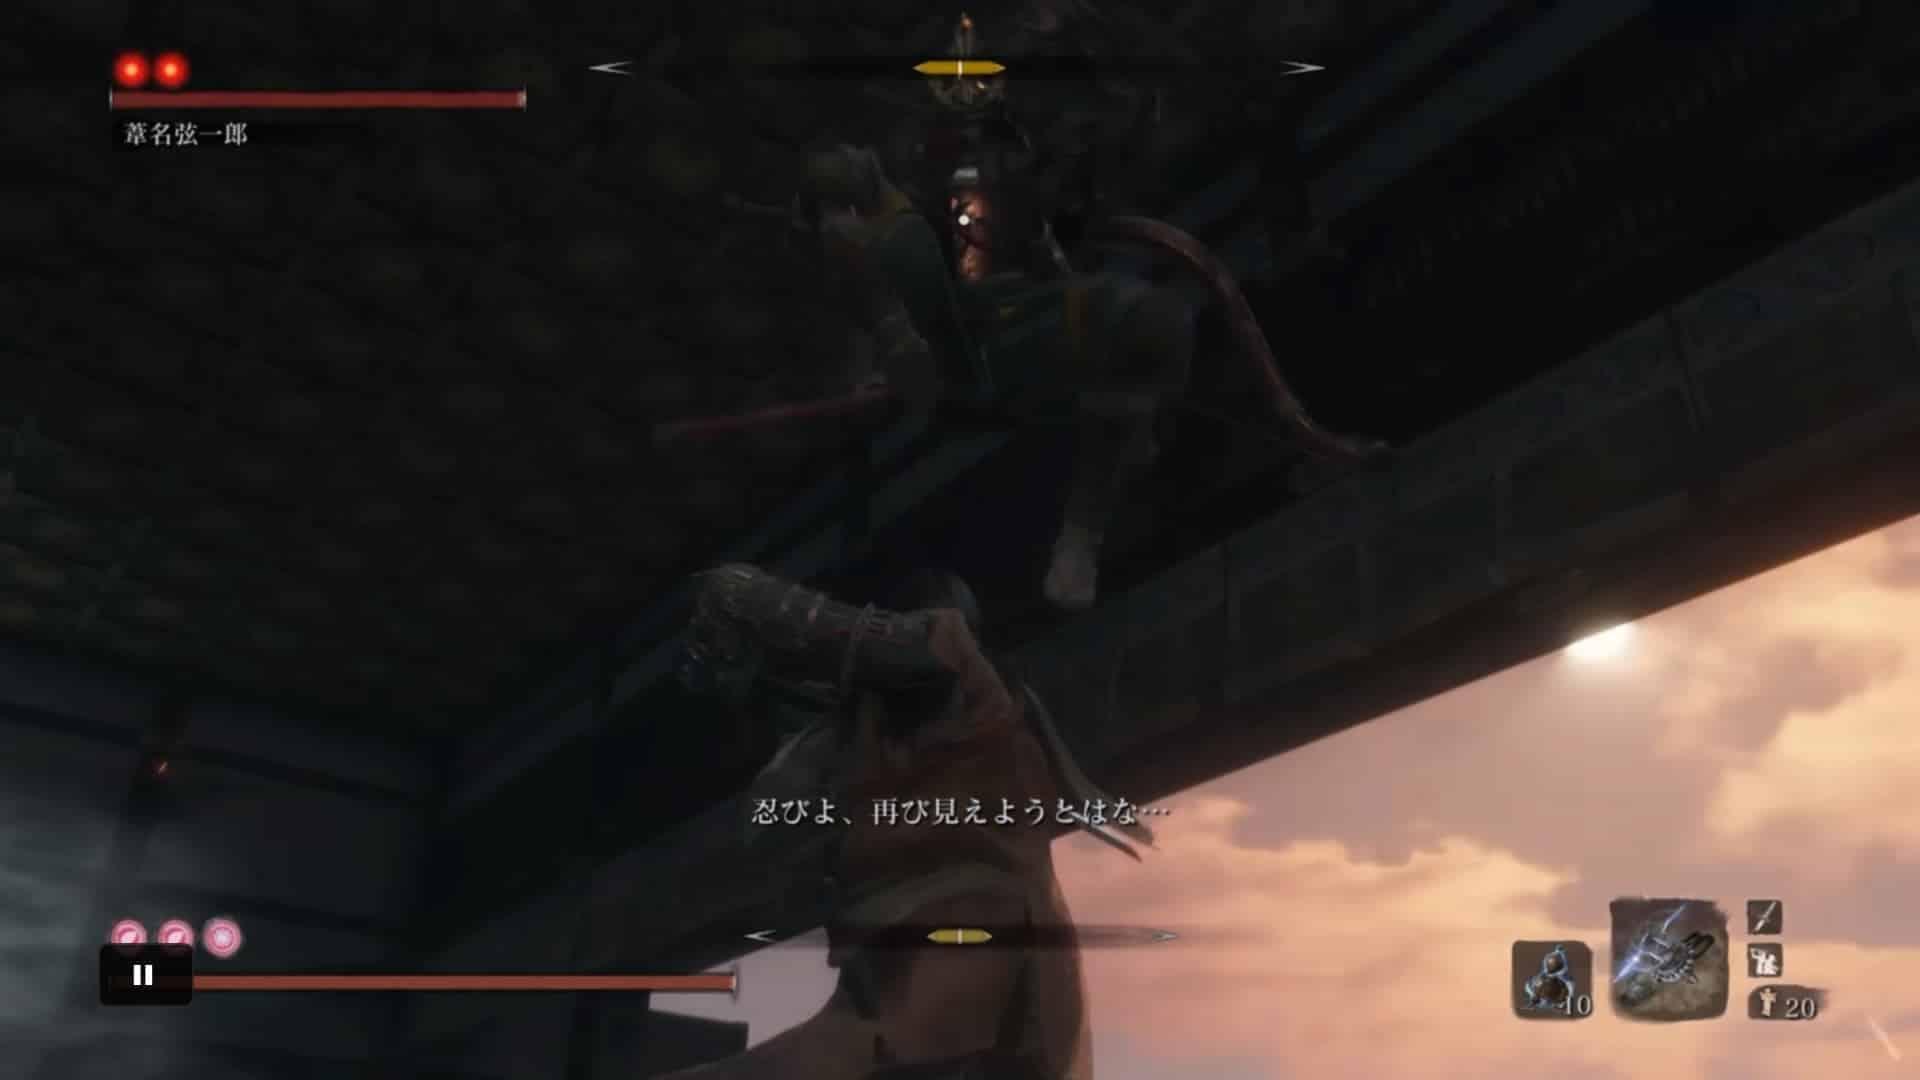 ジャンプたたきつけ-min